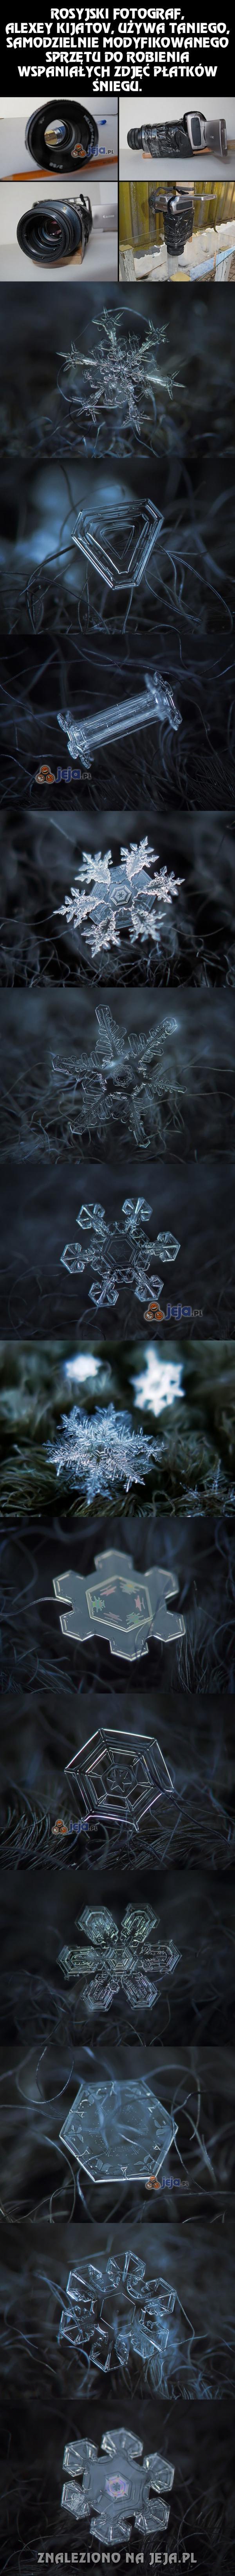 Niesamowite zdjęcia śniegu